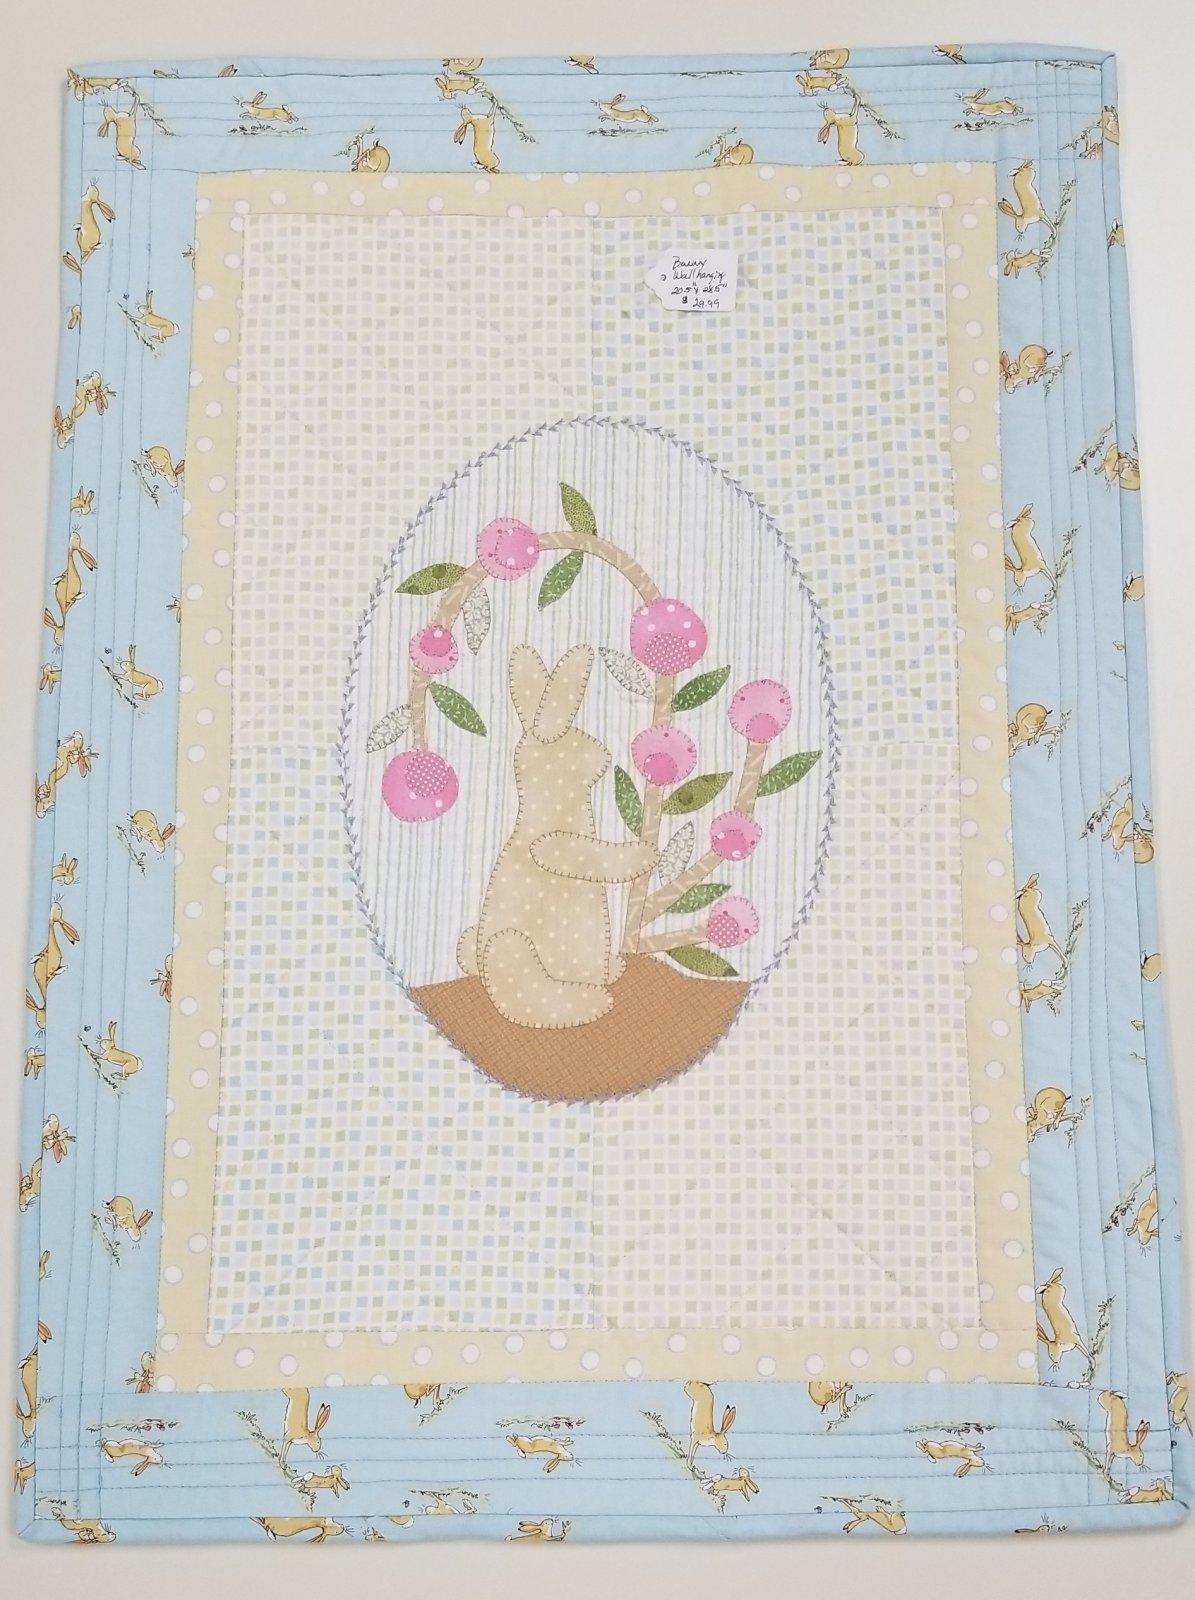 Helen's Bunny Wall Hanging